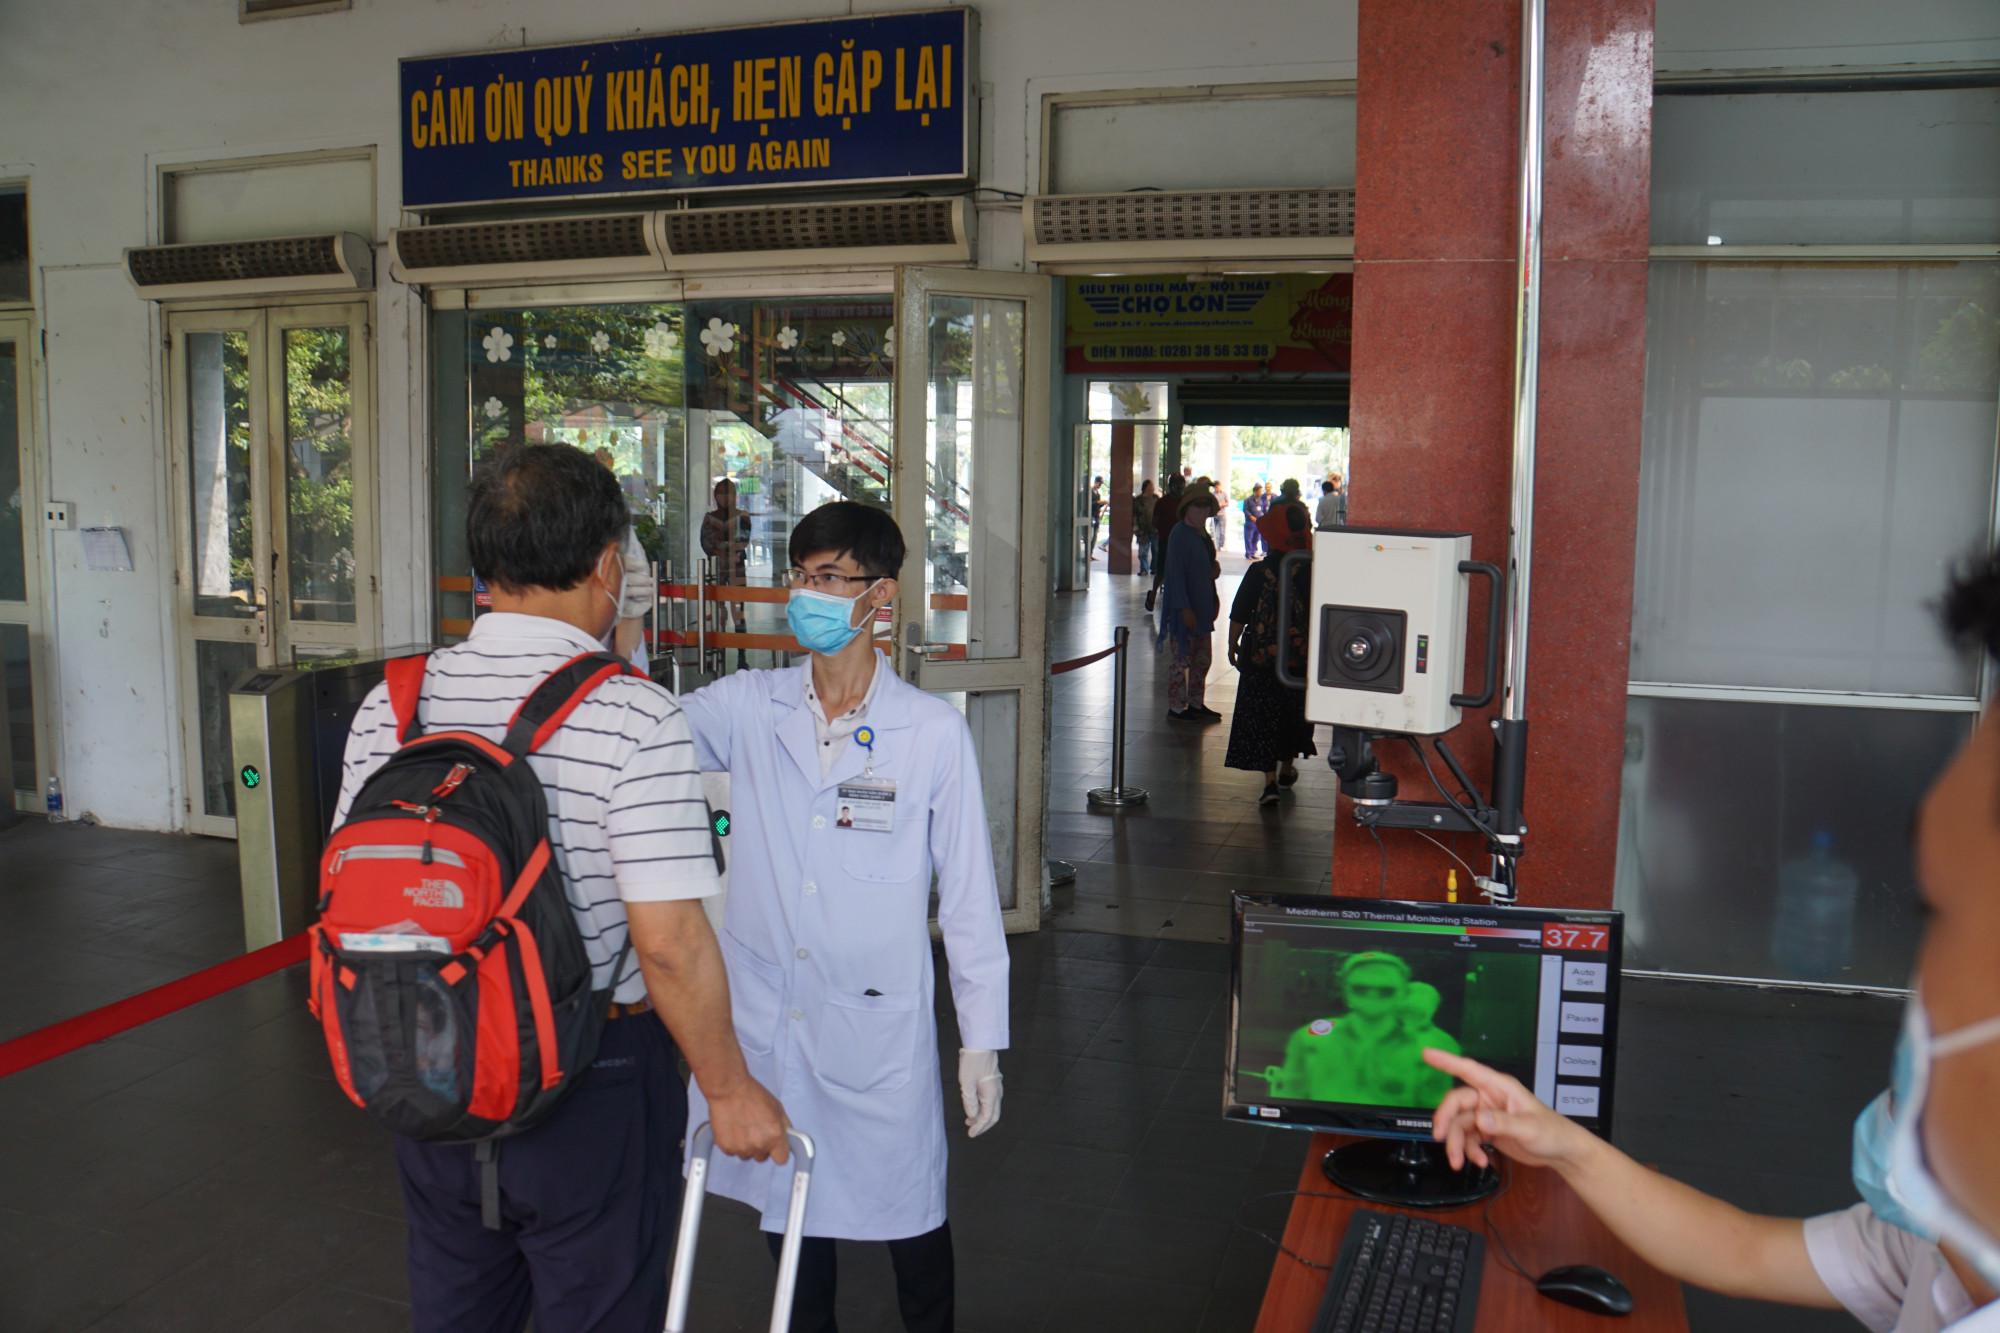 Máy tầm nhiệt sẽ quét để xác định những hành khách có nhiệt độ cao thì lập tức đội ngũ y tế sẽ